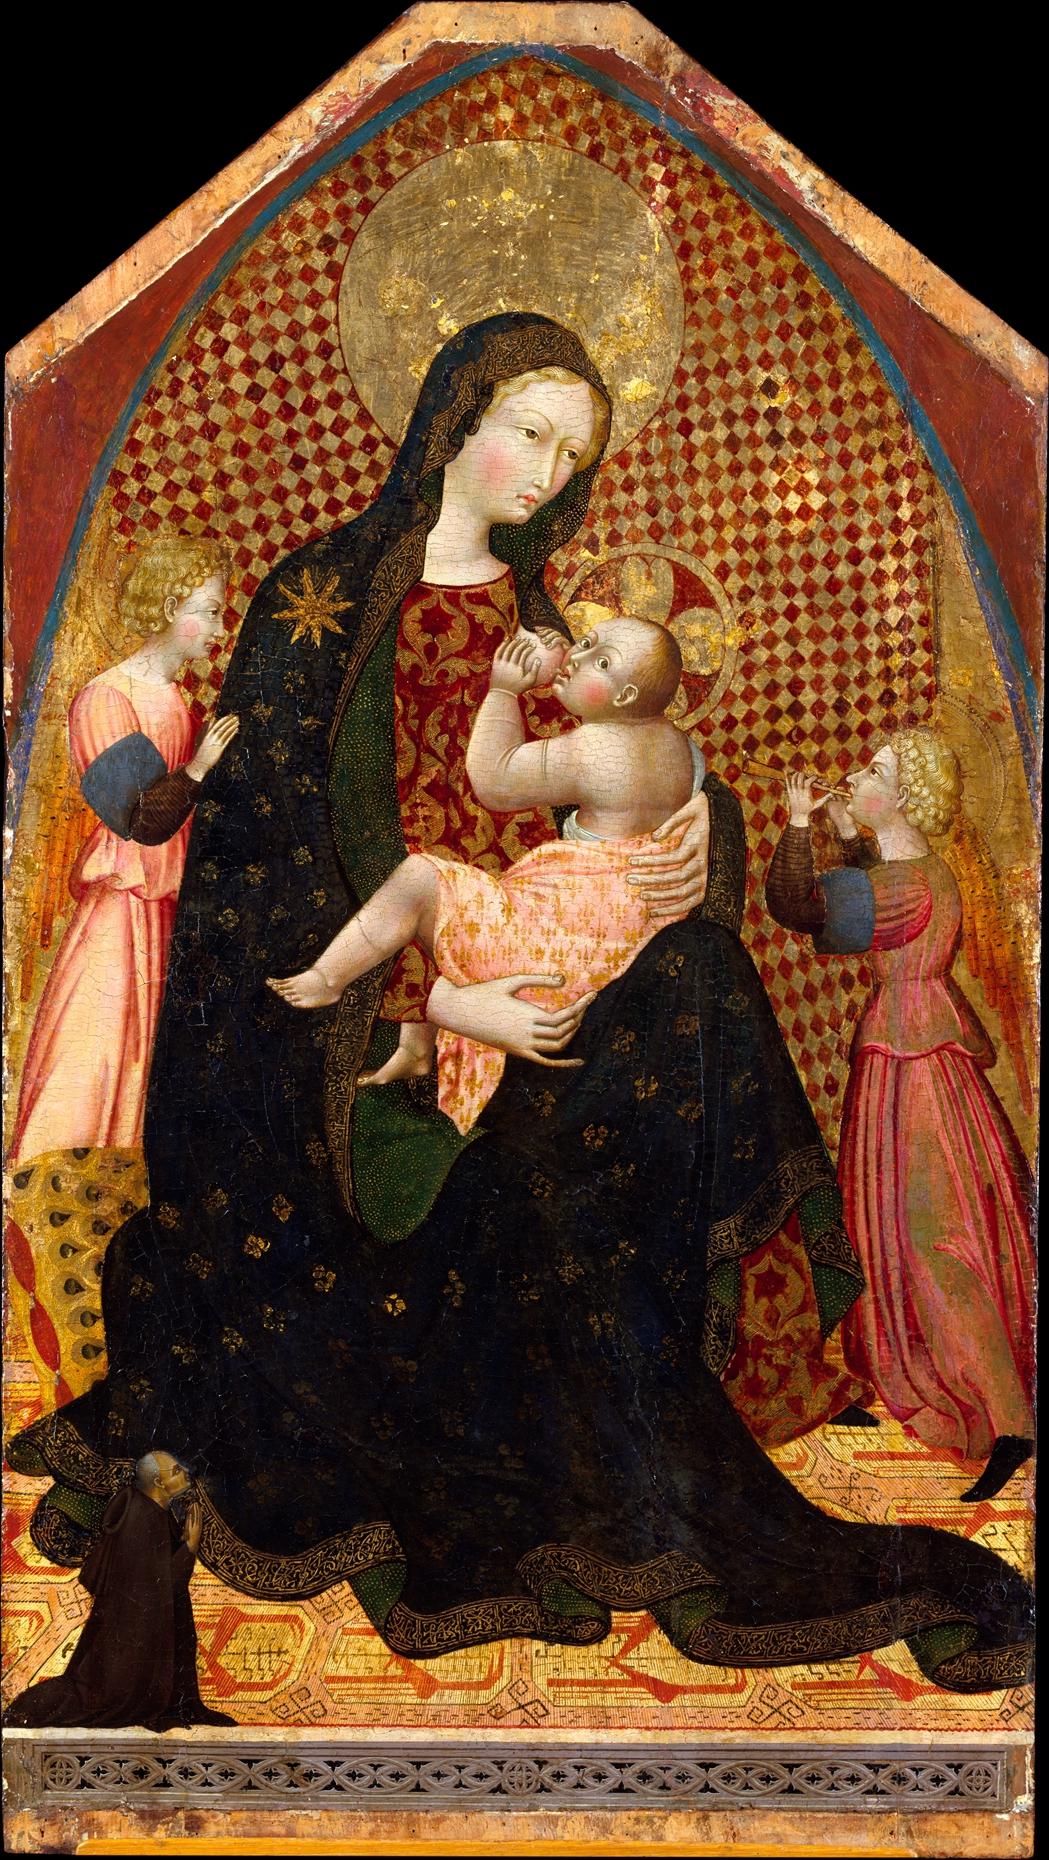 1445 ca Giovanni di Paolo Vierge de l'Humilite avec deux anges et un donateur inconnu MET